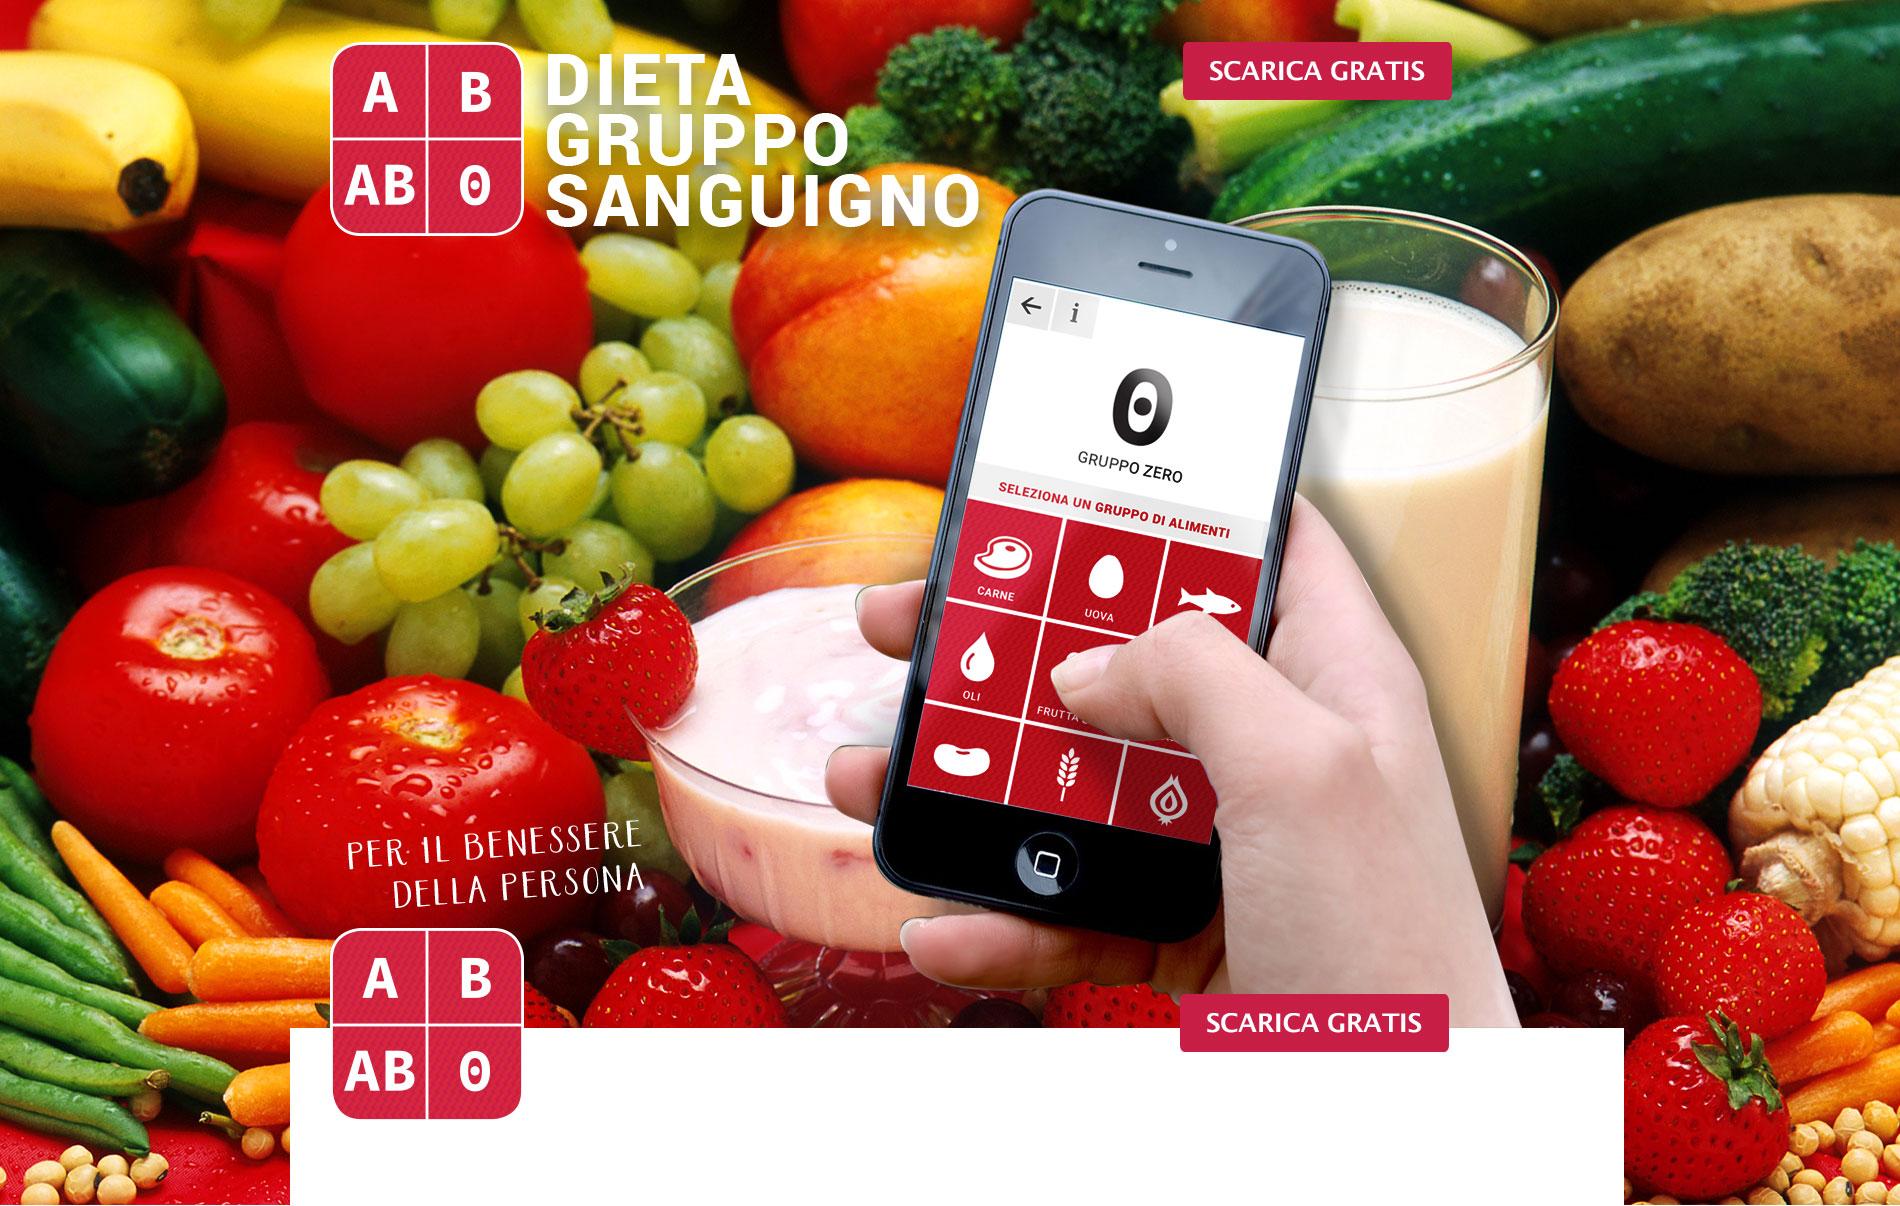 Esiste un'app che vi dice cosa mangiare in base al vostro gruppo sanguigno